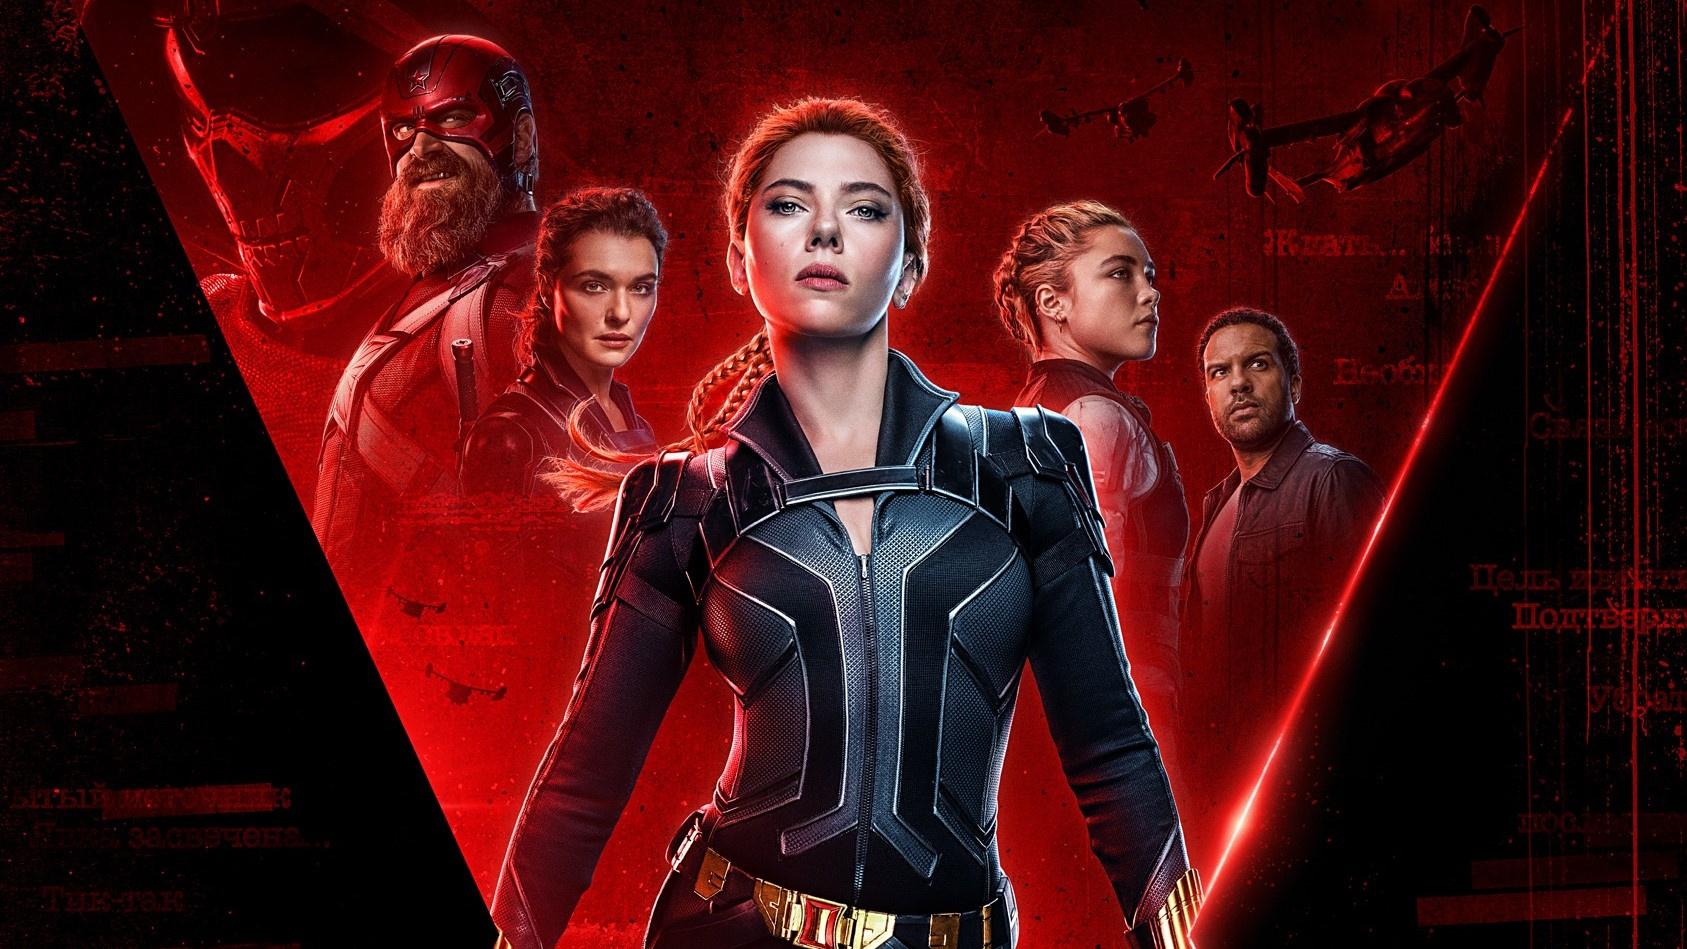 СМИ: Marvel думает над возможностью релиза будущих фильмов на Disney+